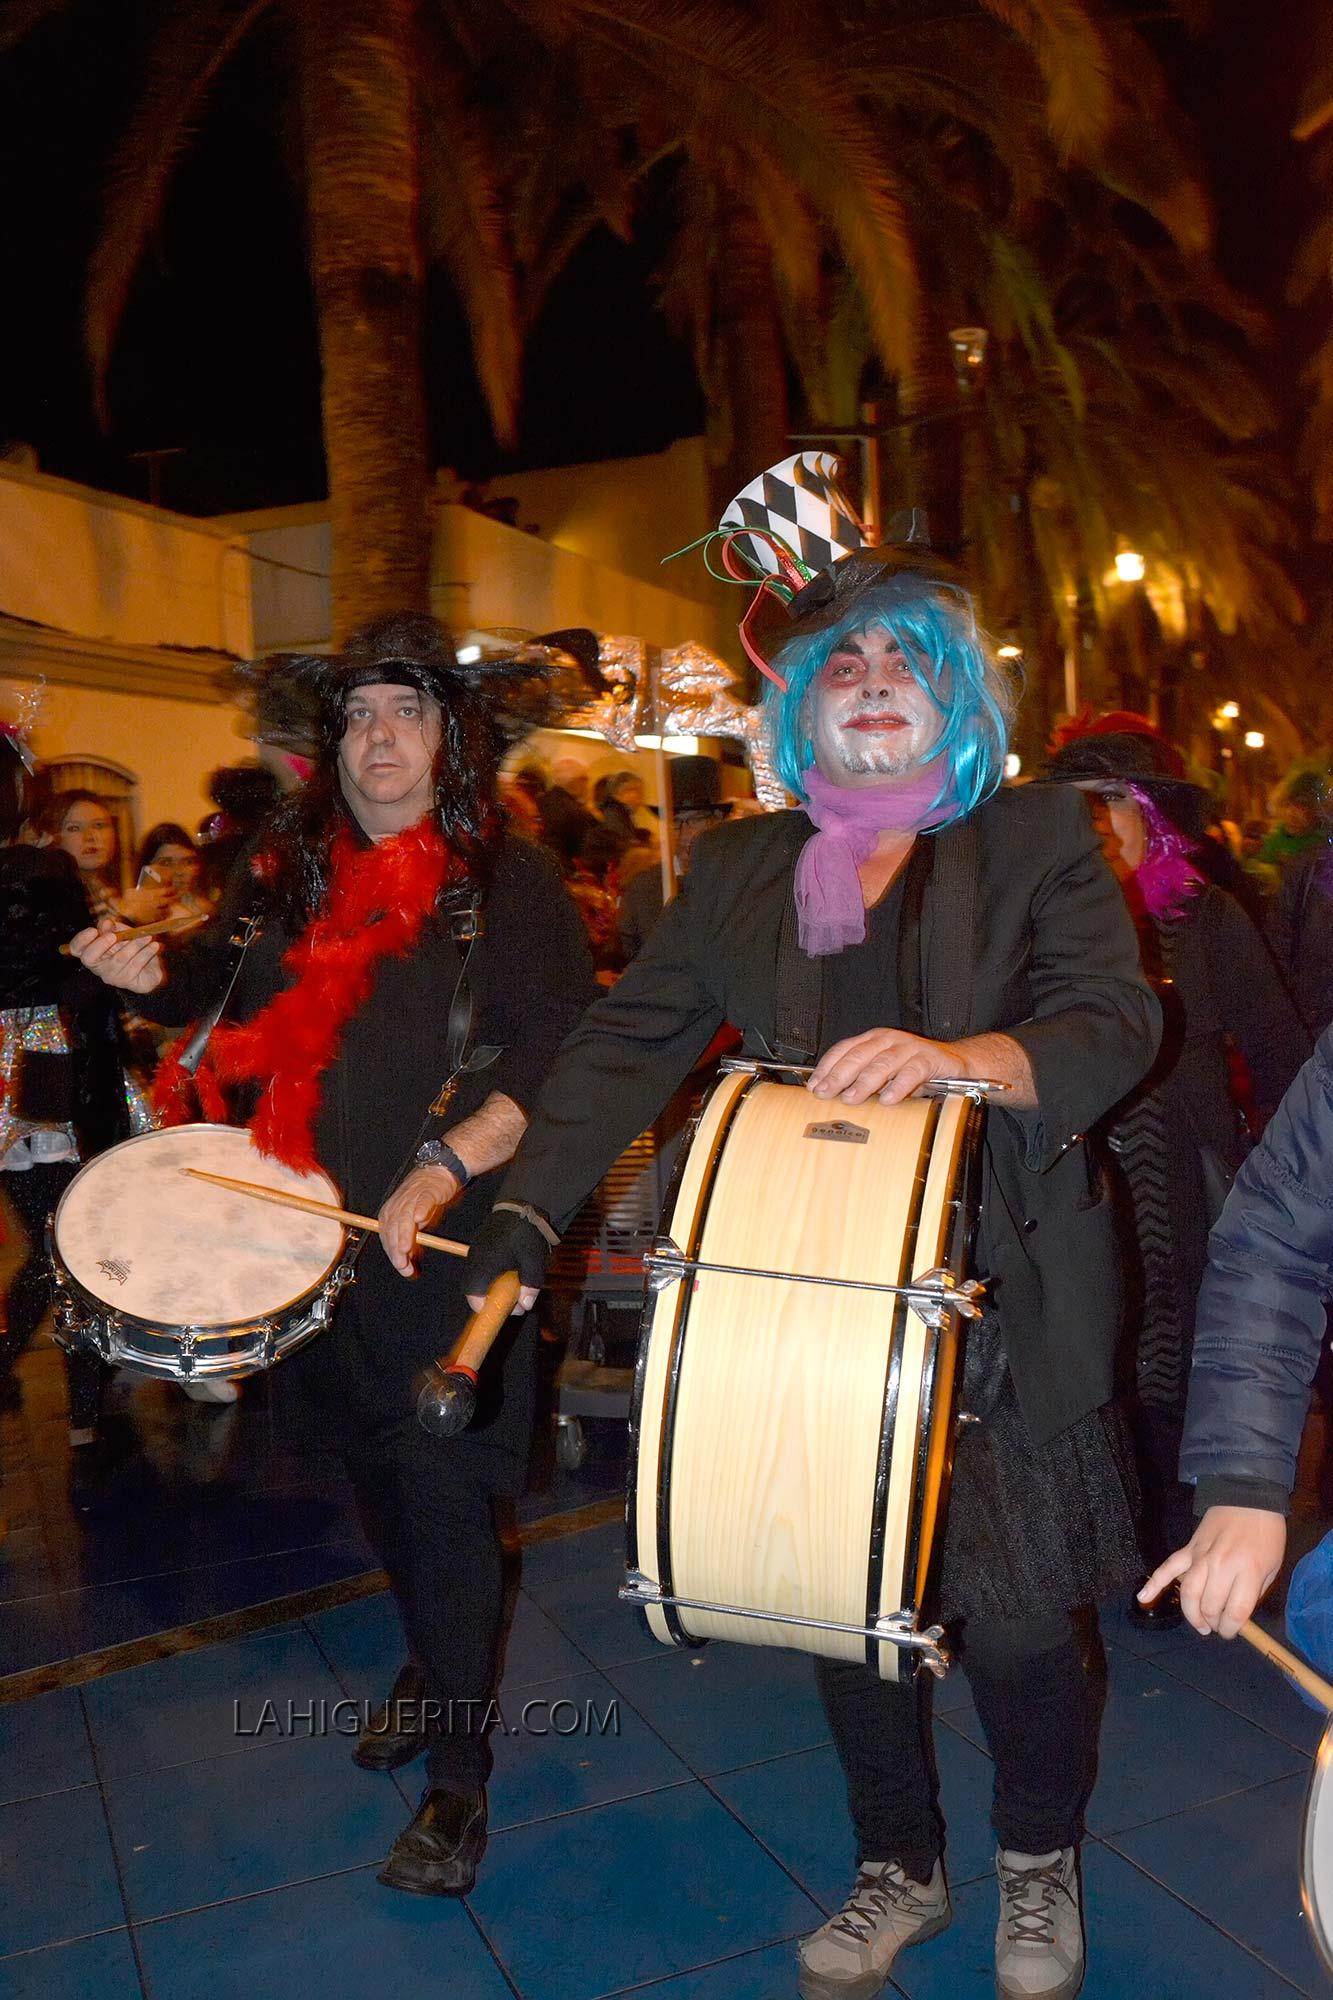 Entierro de la sardina carnaval isla cristina _DSC2067